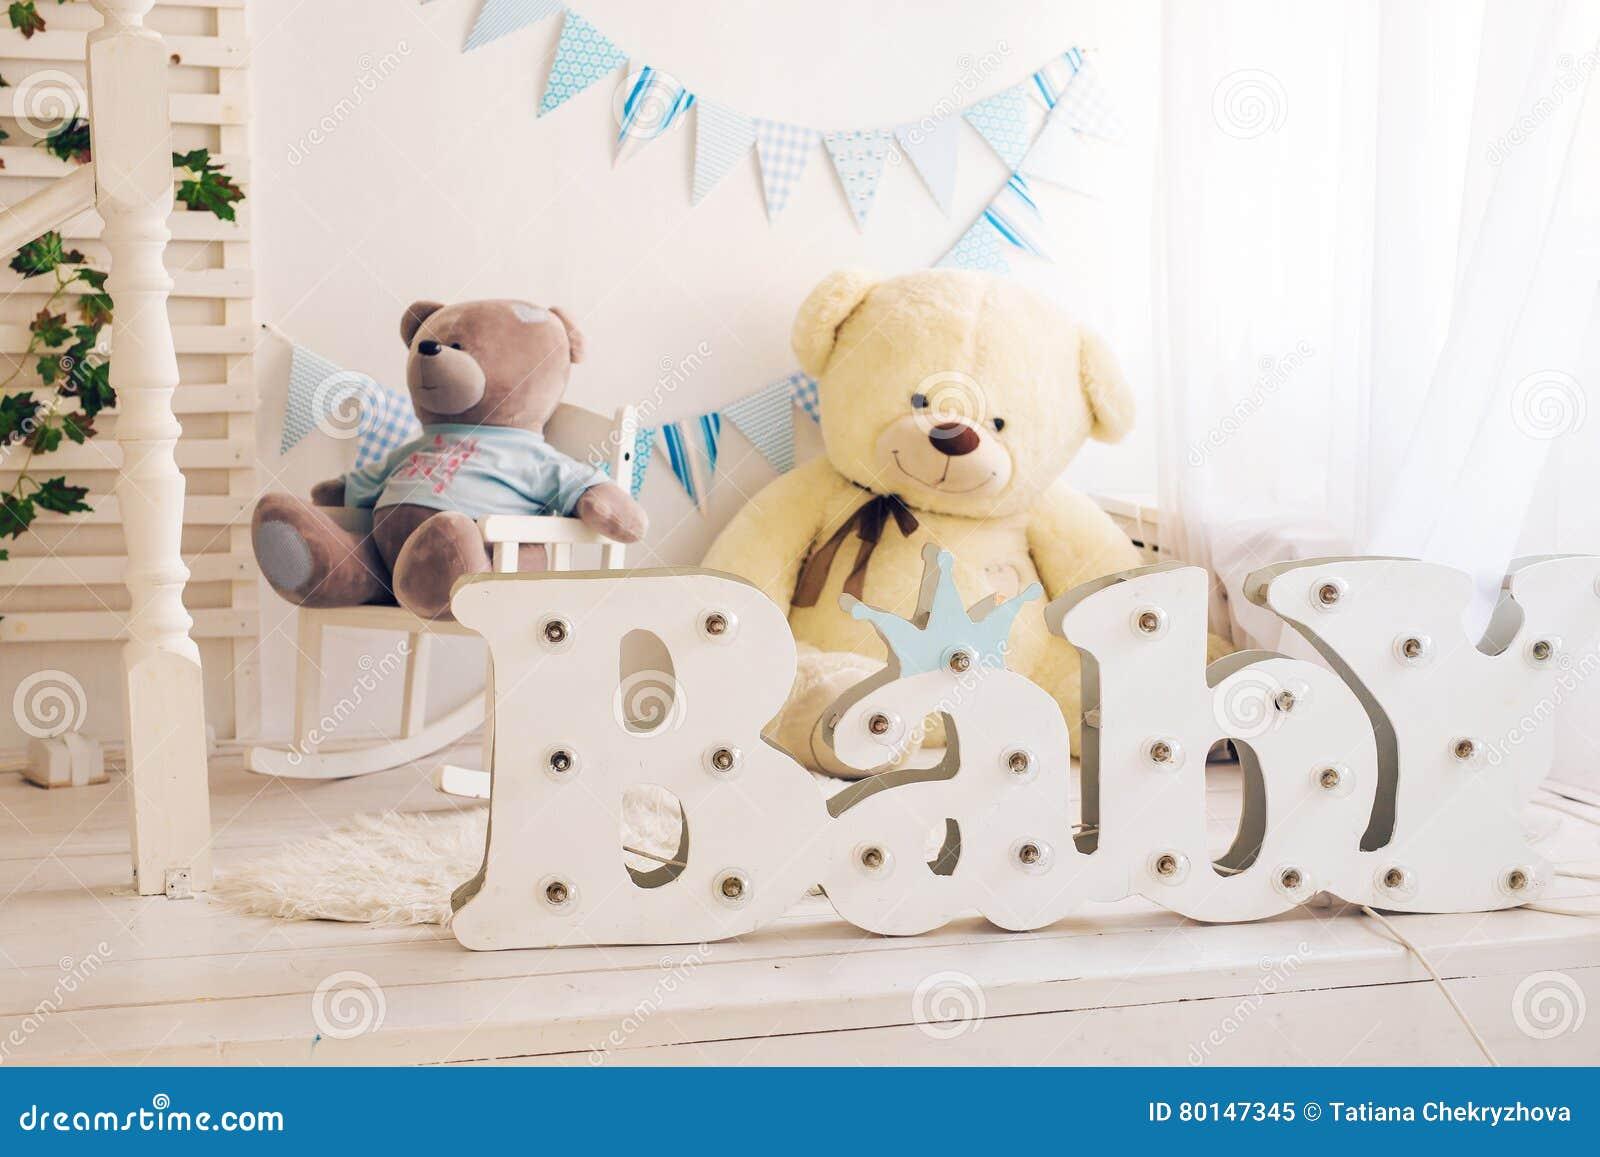 Witte slaapkamer met blauwe ontworpen decoratie en teddybeerideaal